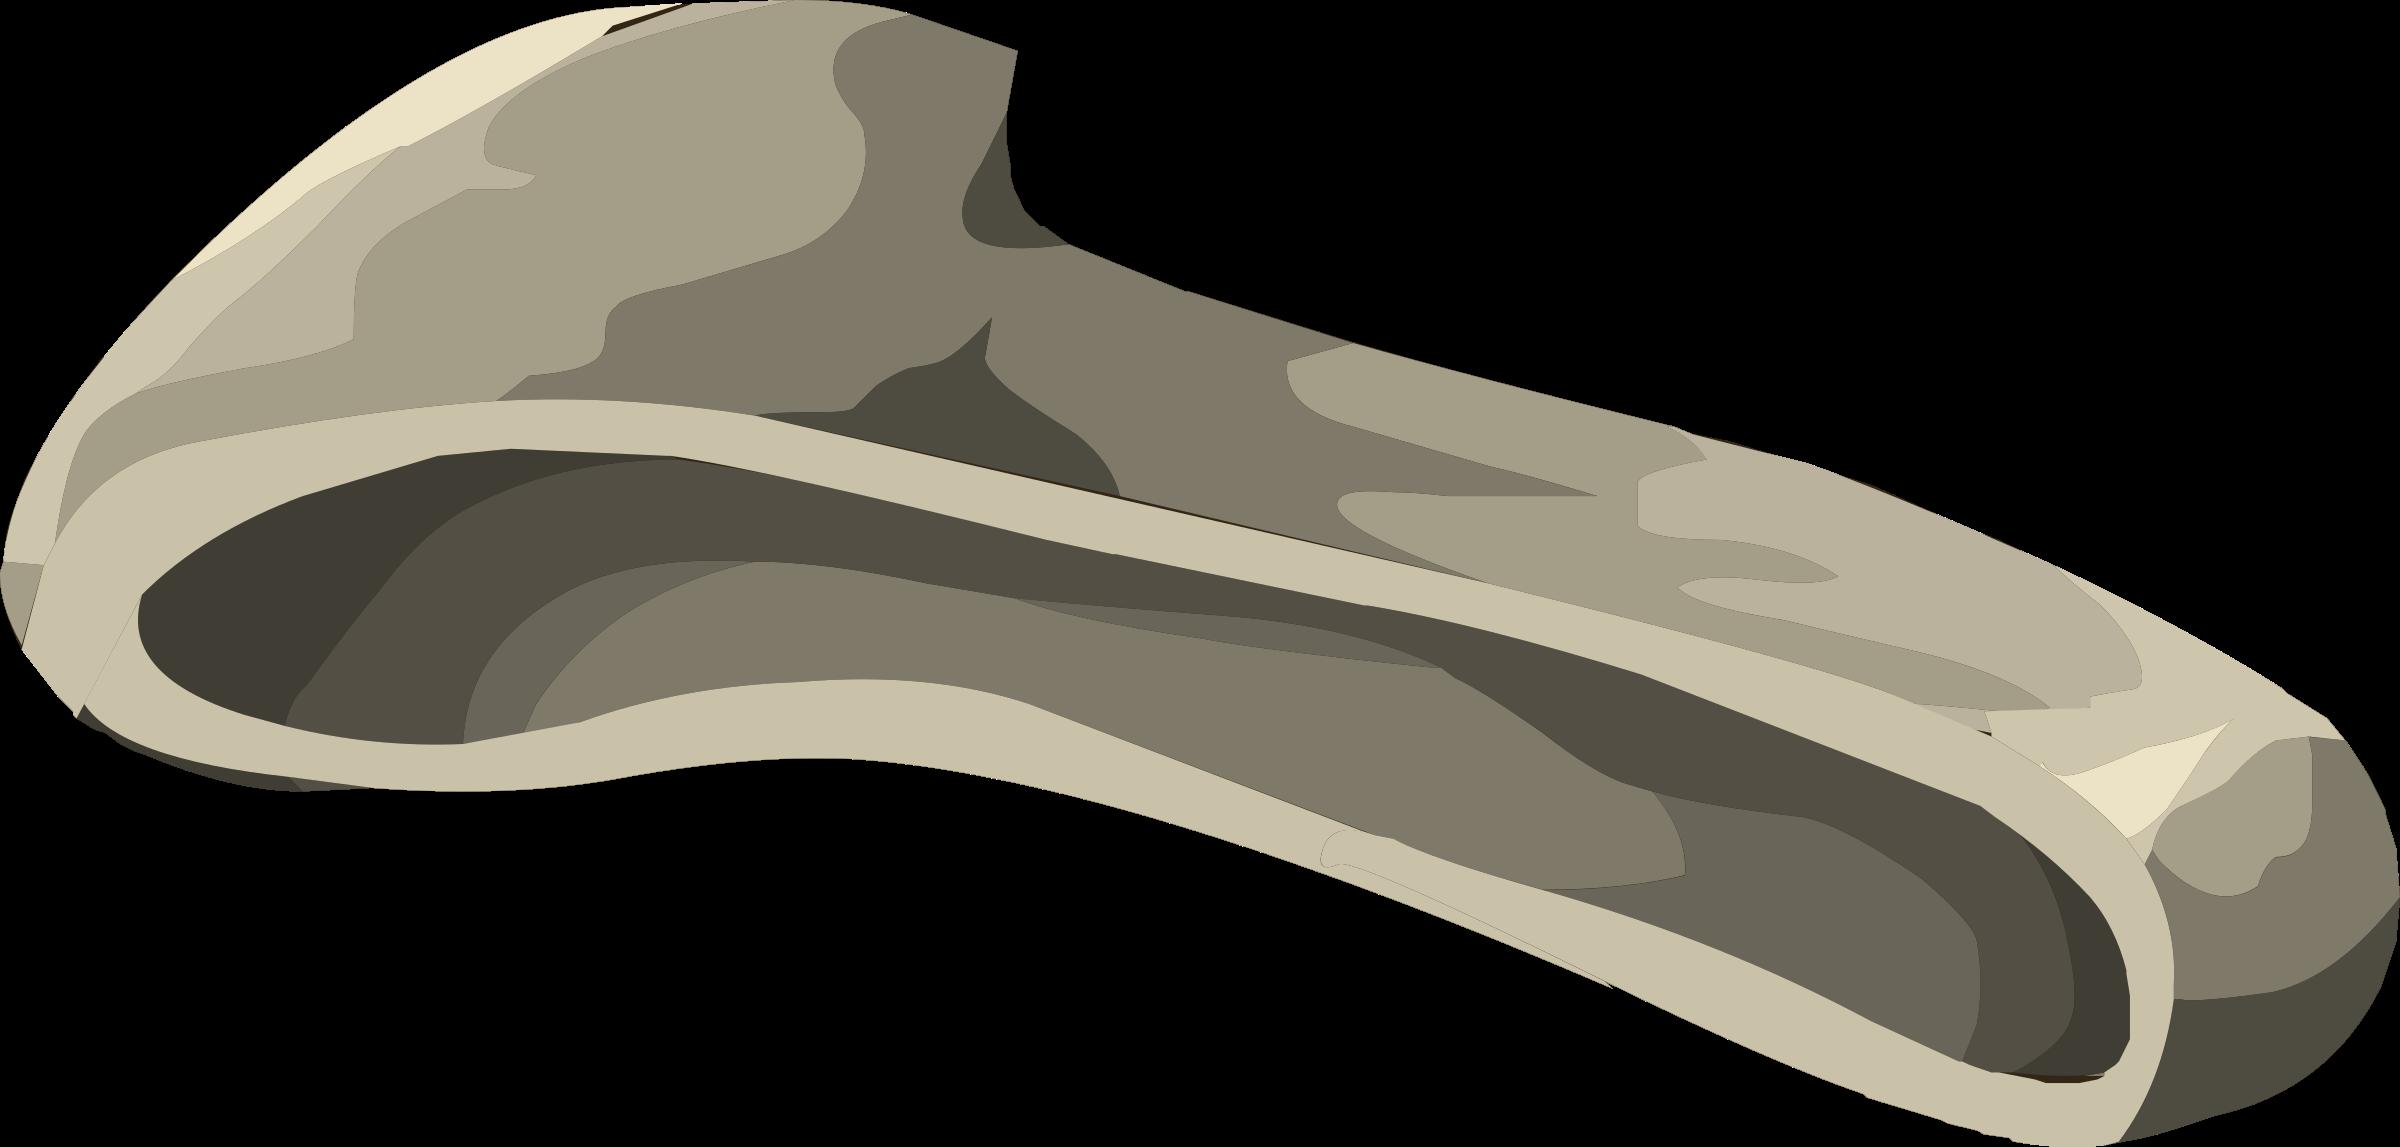 Finger clipart rock. Artifact glove metal piece